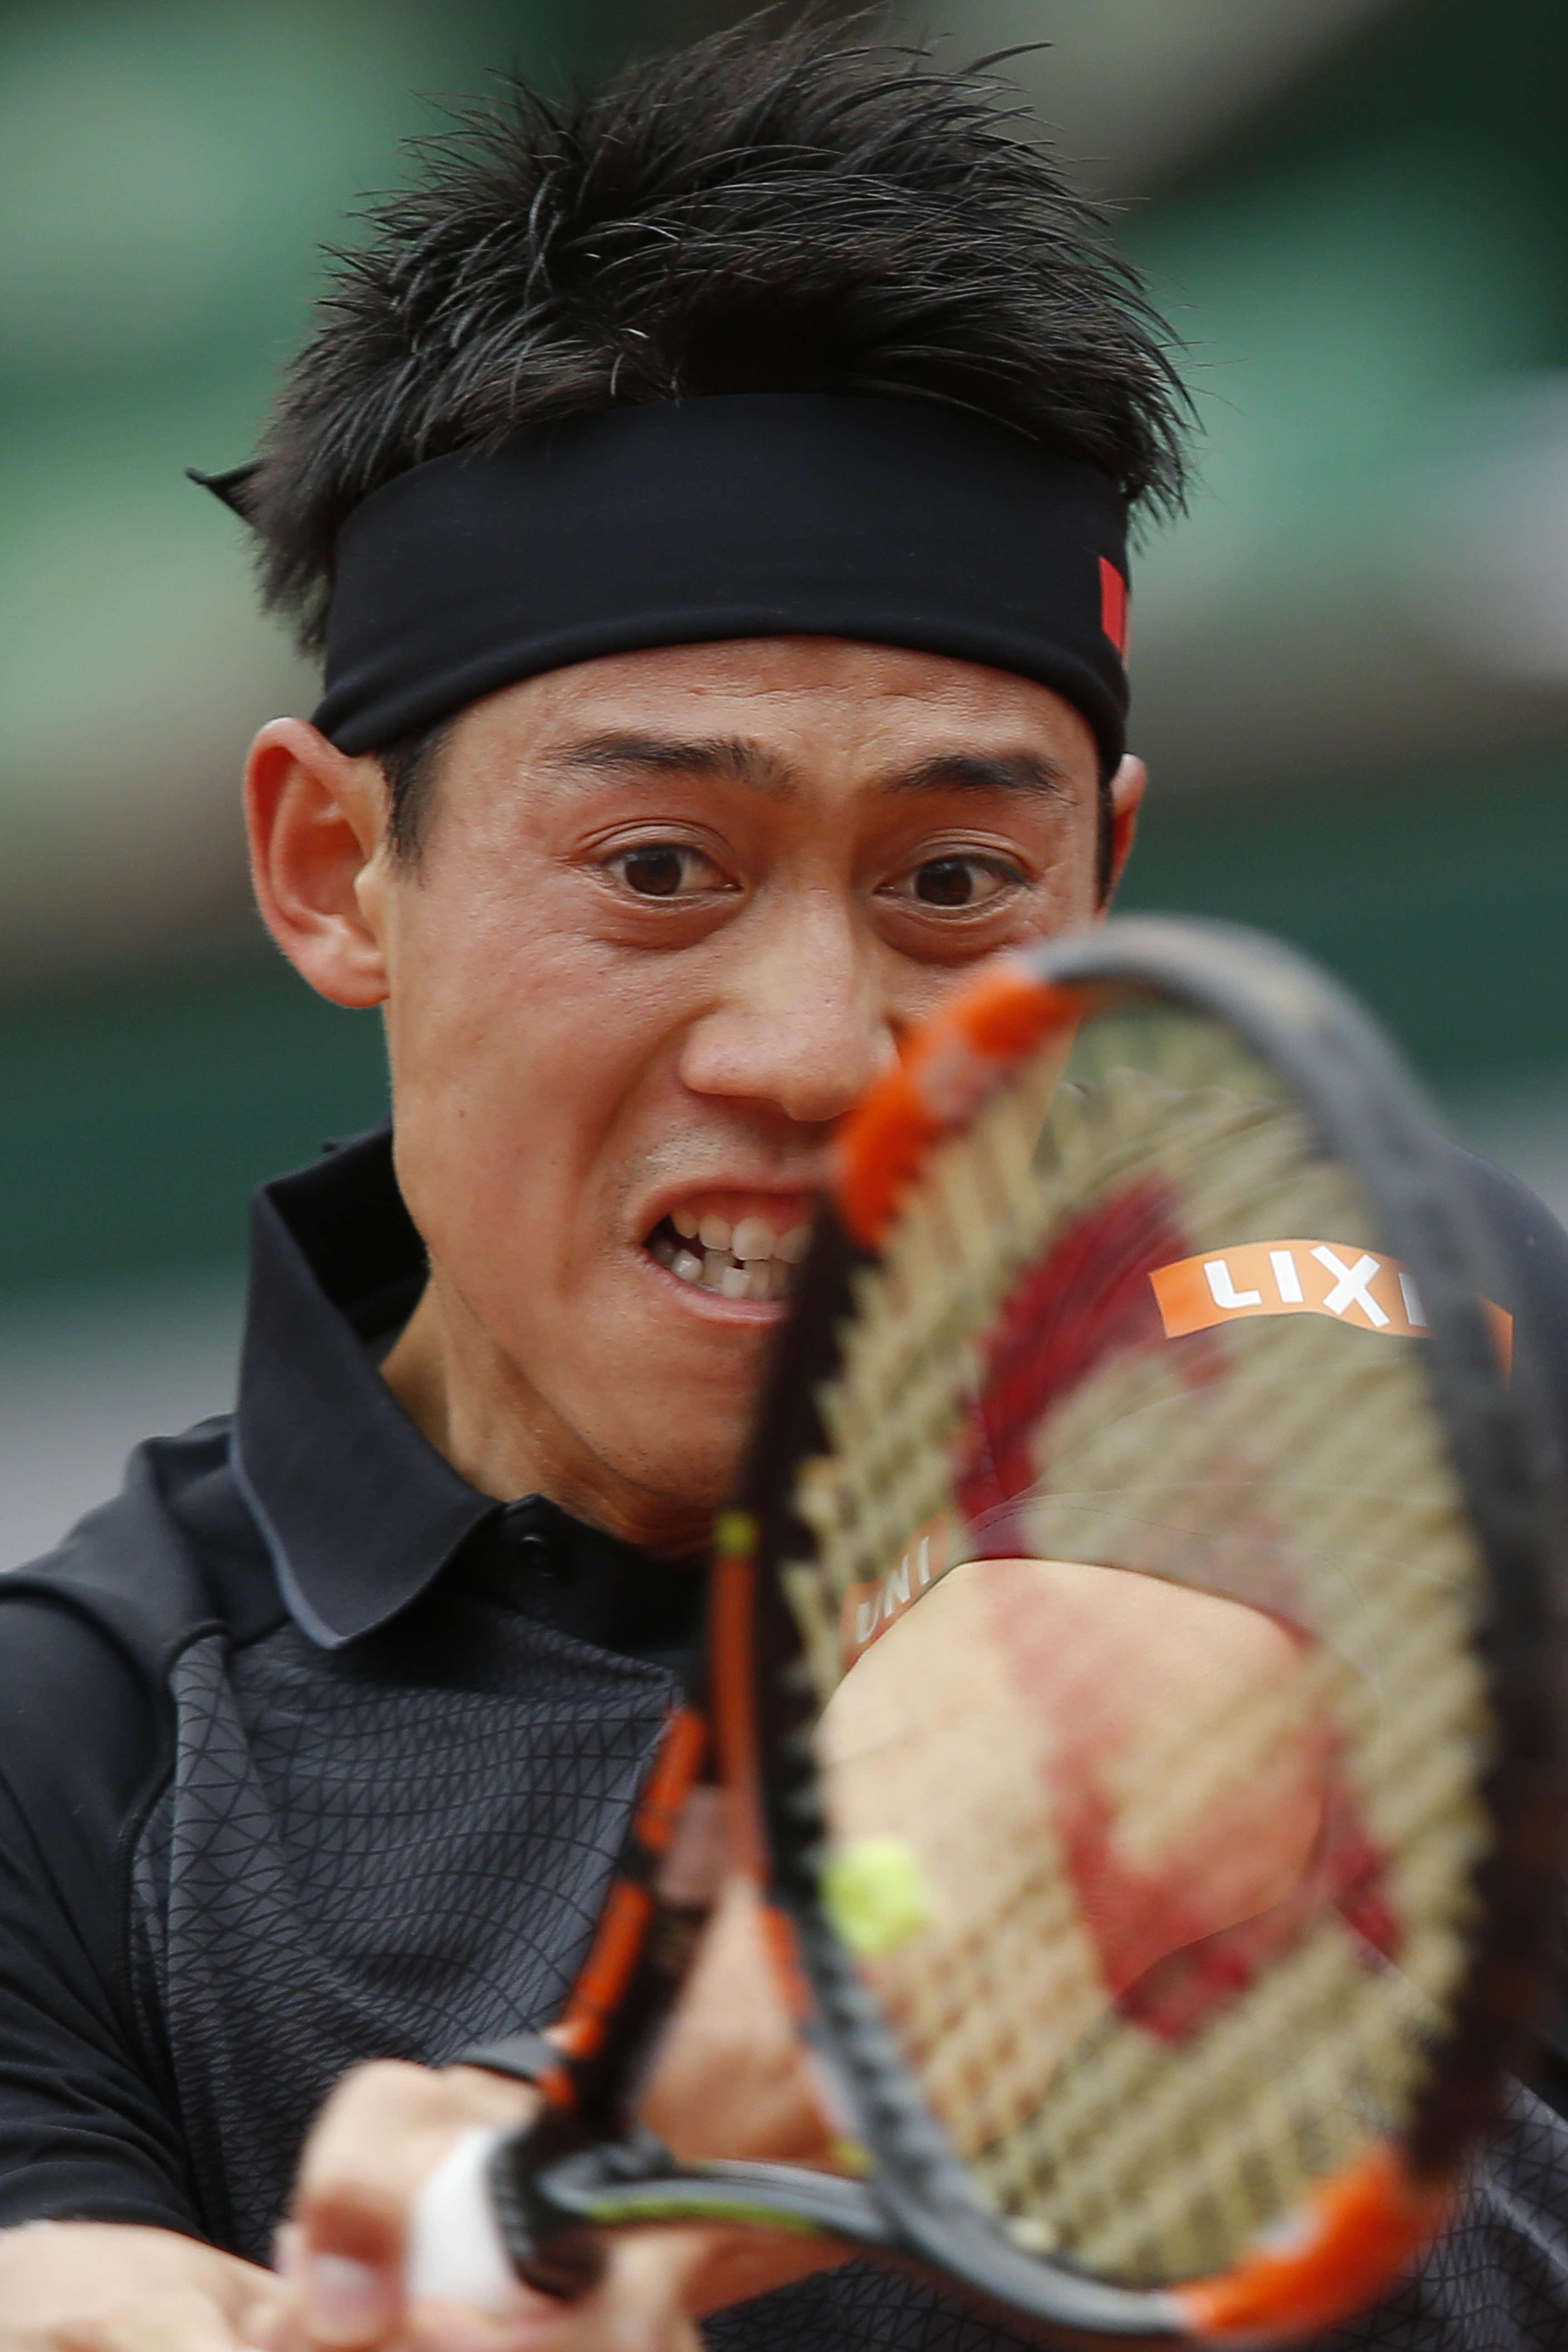 Le Japonais Kei Nishikori, 6e mondial, a facilement gagné le premier set (6-1) face à l'Italien Simone Bolelli, 116e. Le deuxième a été nettement plus serré (7-5). Dans la troisième manche, Nishikori menait 2-1 avant l'interruption du match en raison de la pluie.